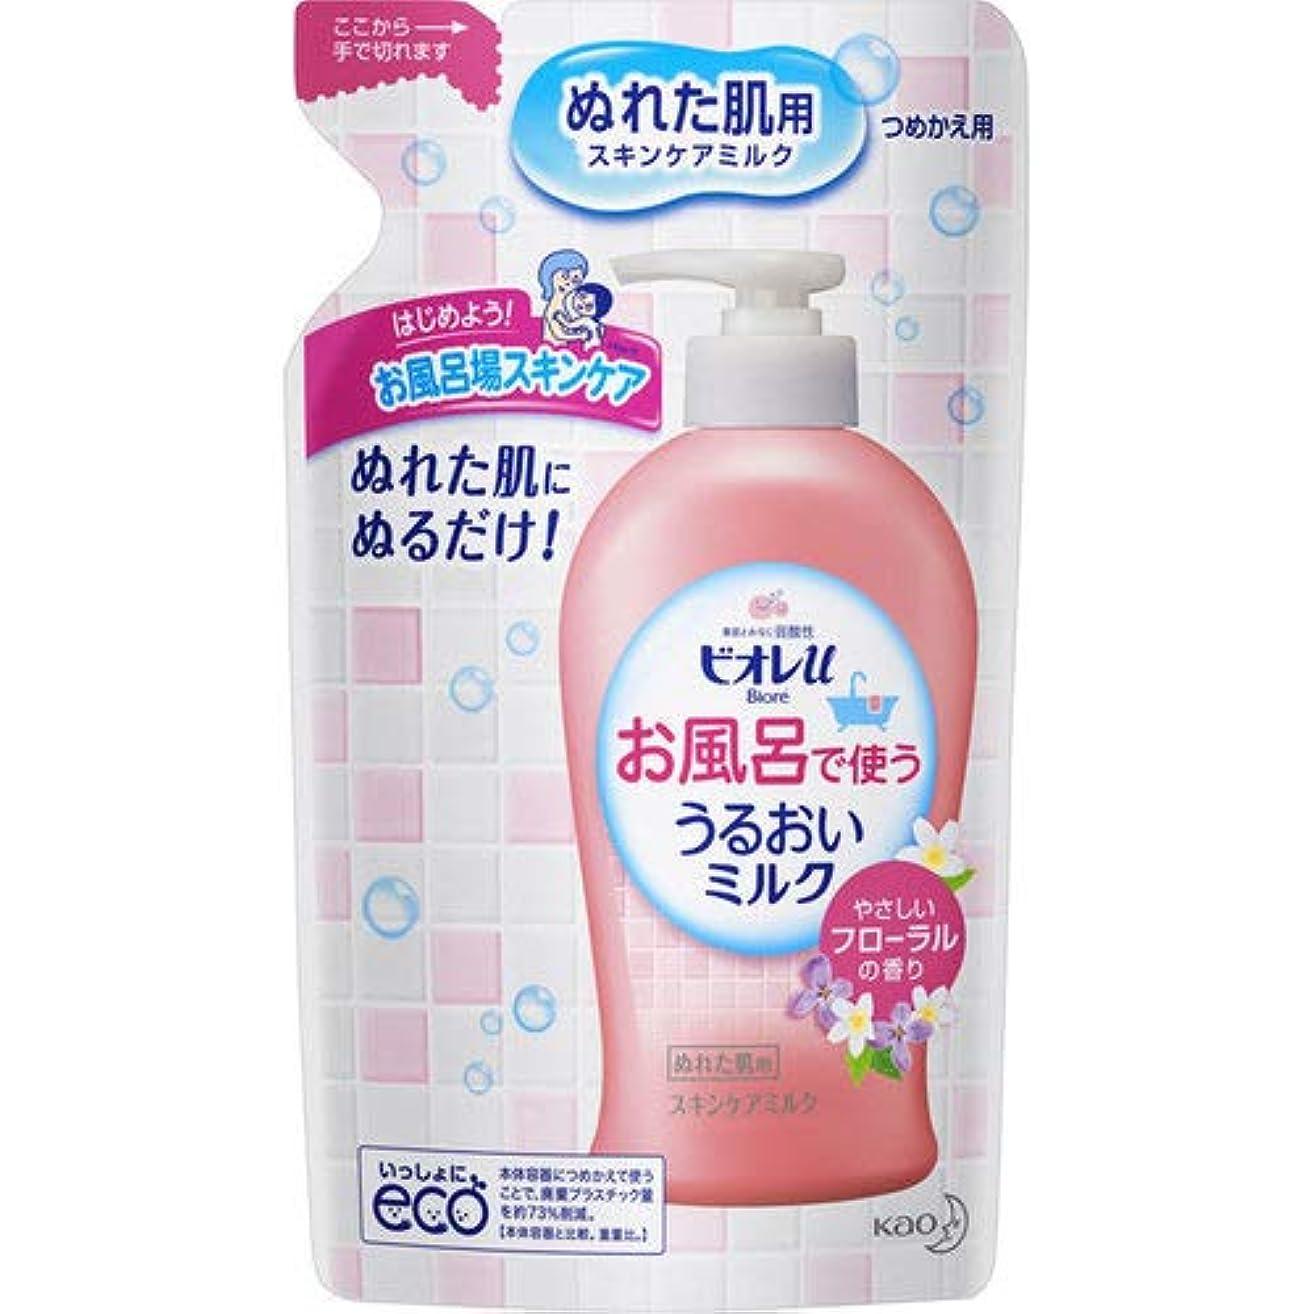 包帯なぞらえる謎めいたビオレu お風呂で使ううるおいミルク フローラル つめかえ用 250mL